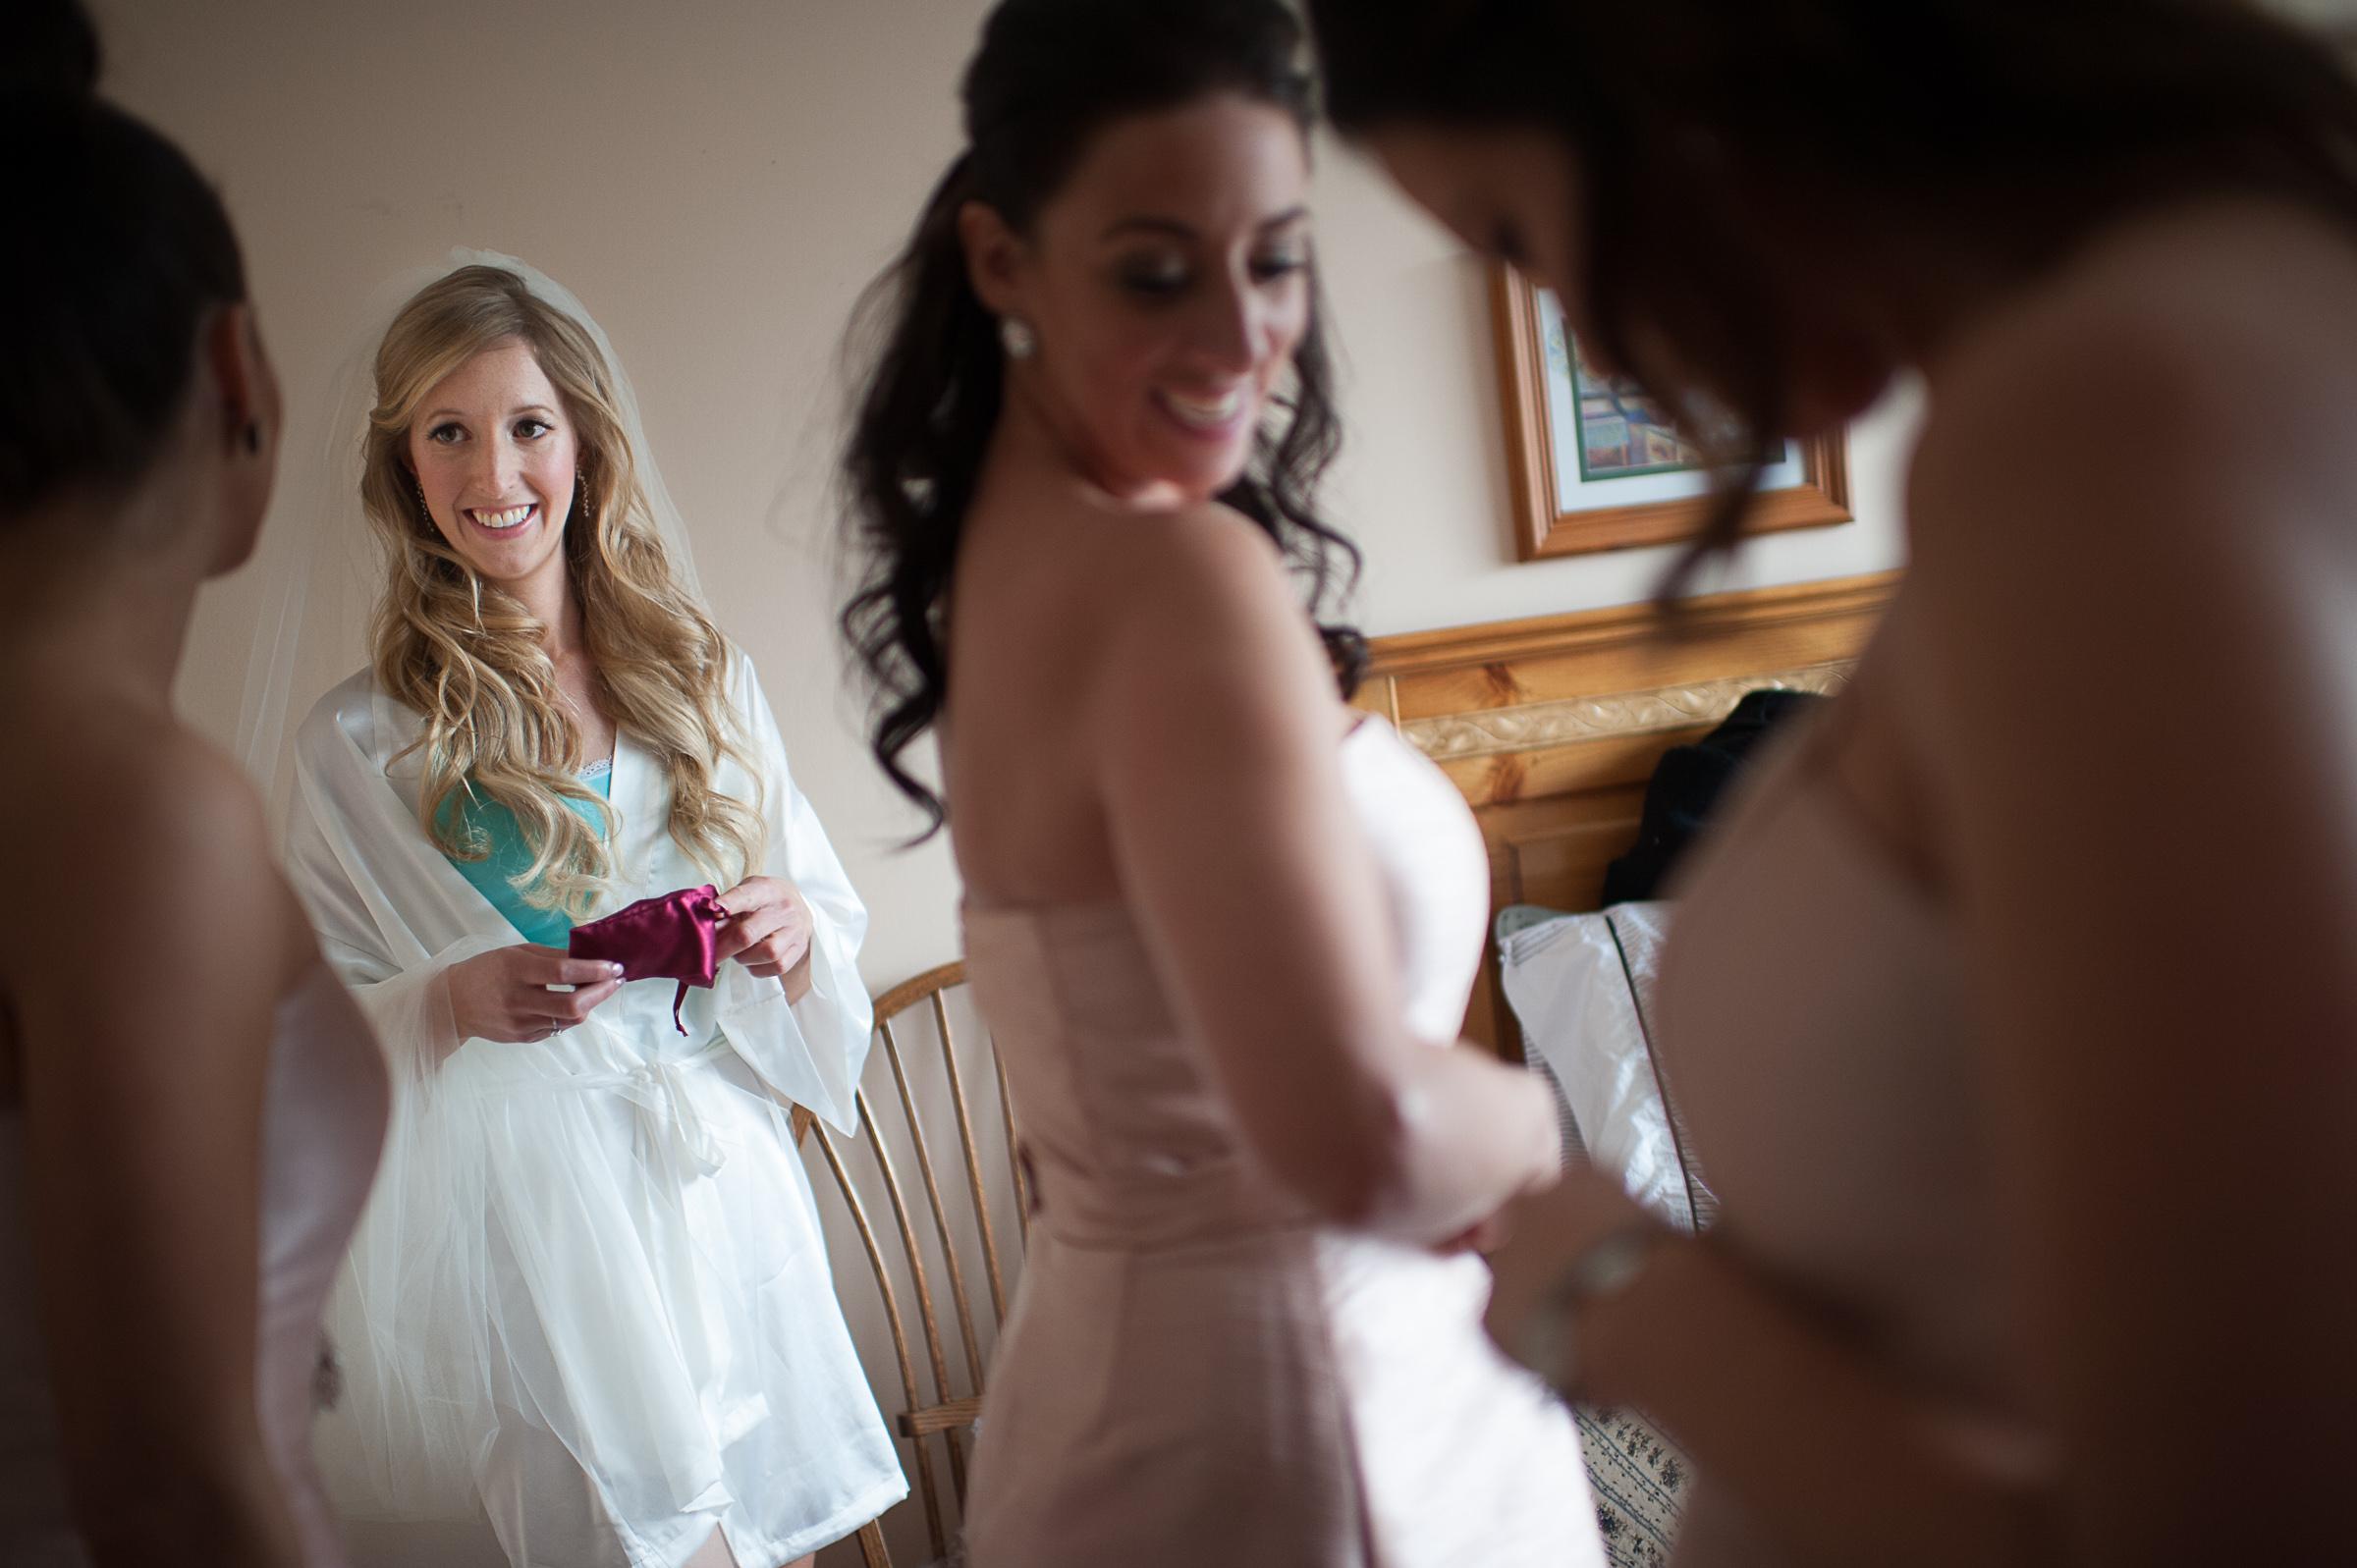 renee-ian-wedding-slideshow-006.jpg